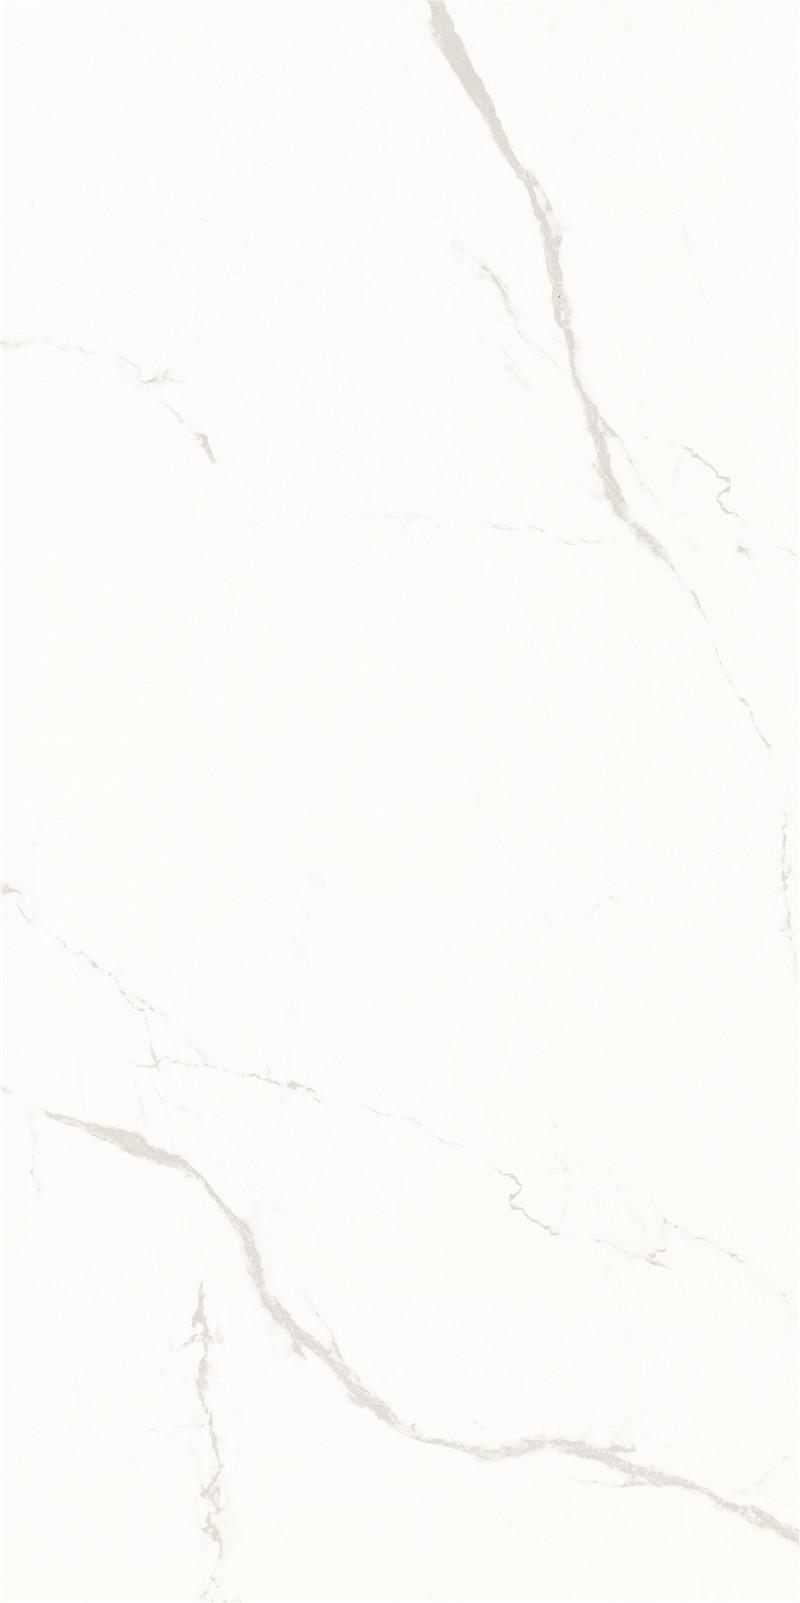 C121J371P-4